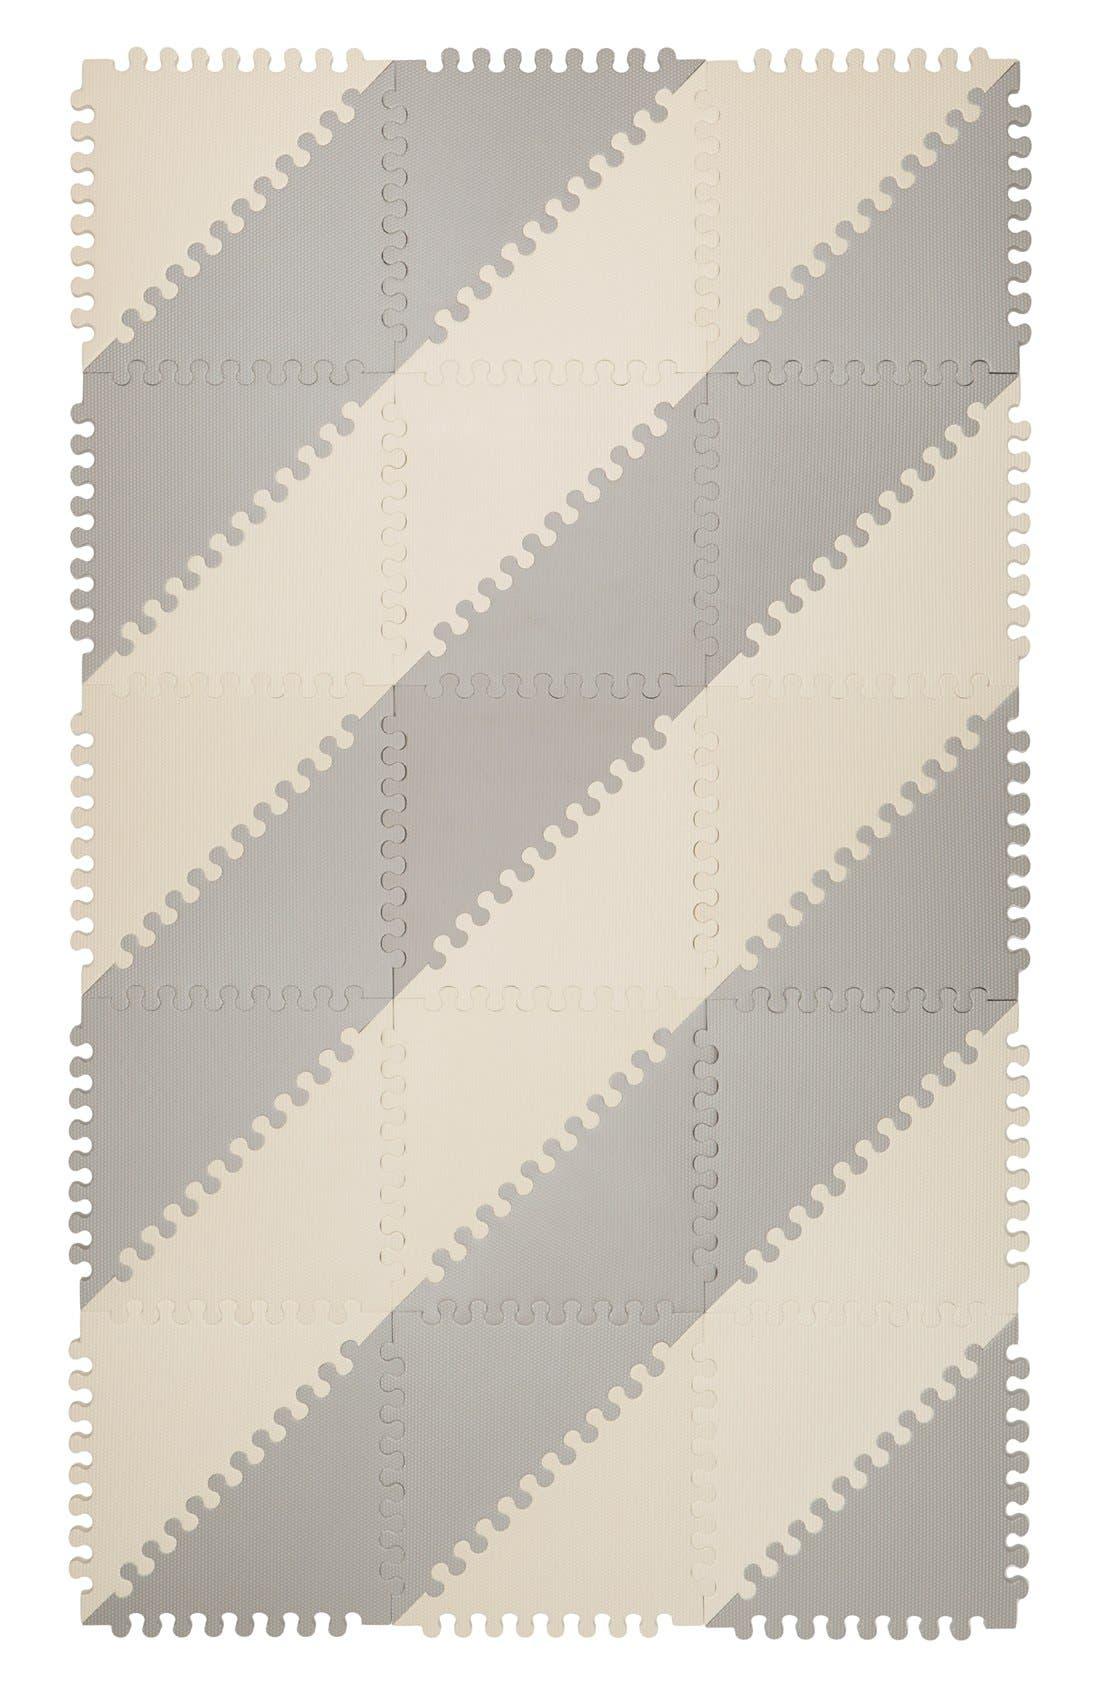 SKIP HOP 'PLAYSPOTS' Foam Floor Tiles